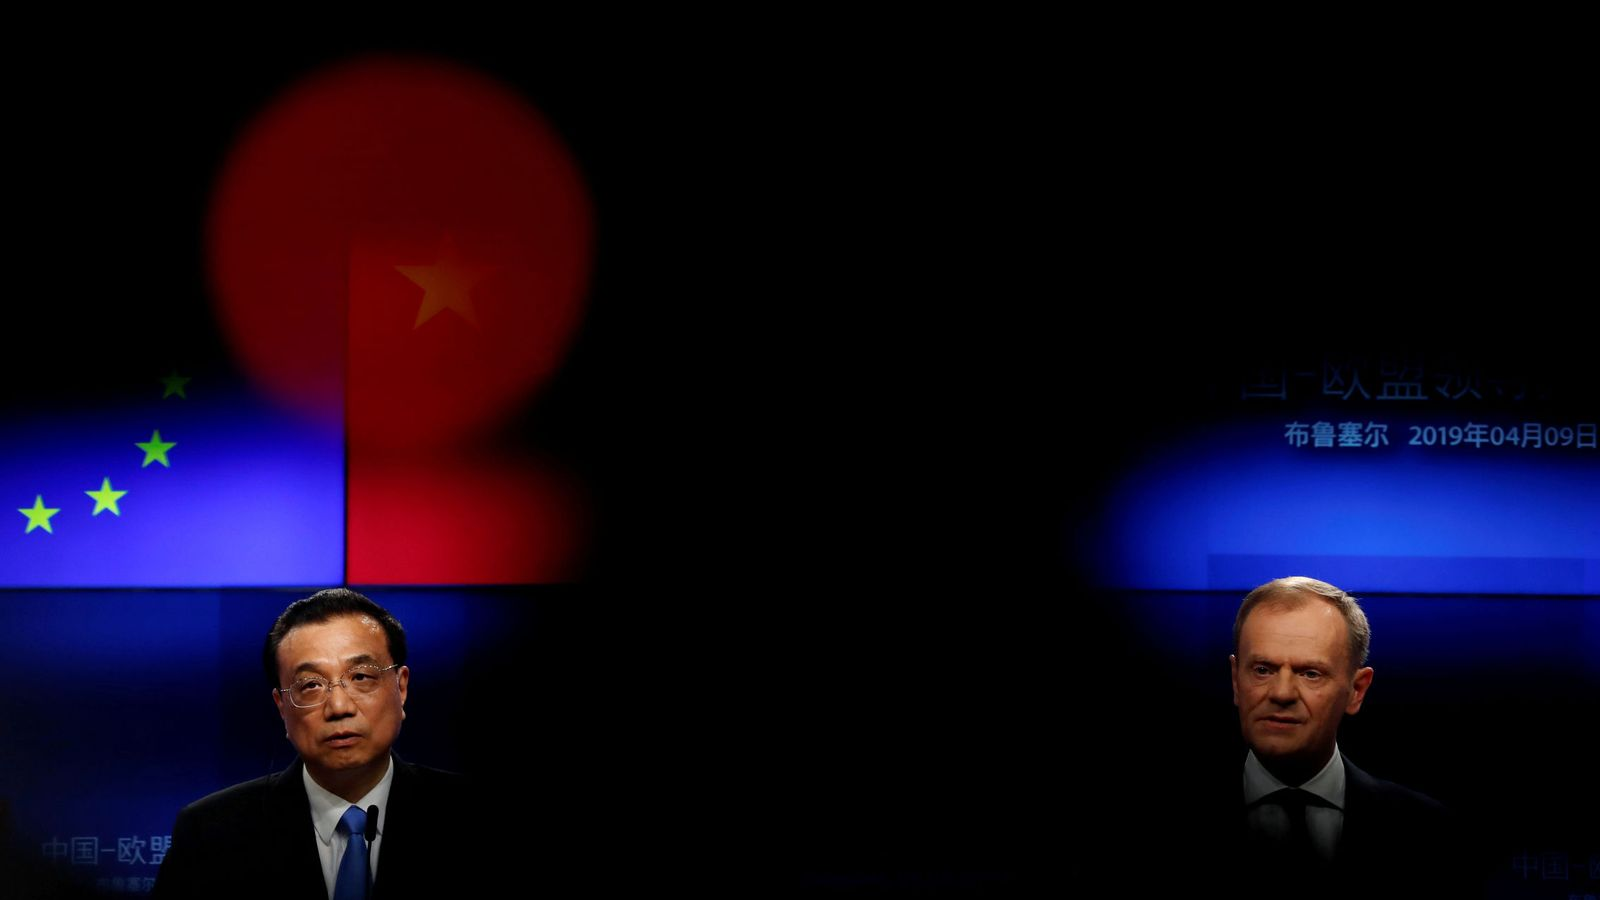 Foto: El ministro chino, Li Keqiang (izquierda), y el presidente del Consejo Europeo, Donald Tusk (derecha). (Reuters)